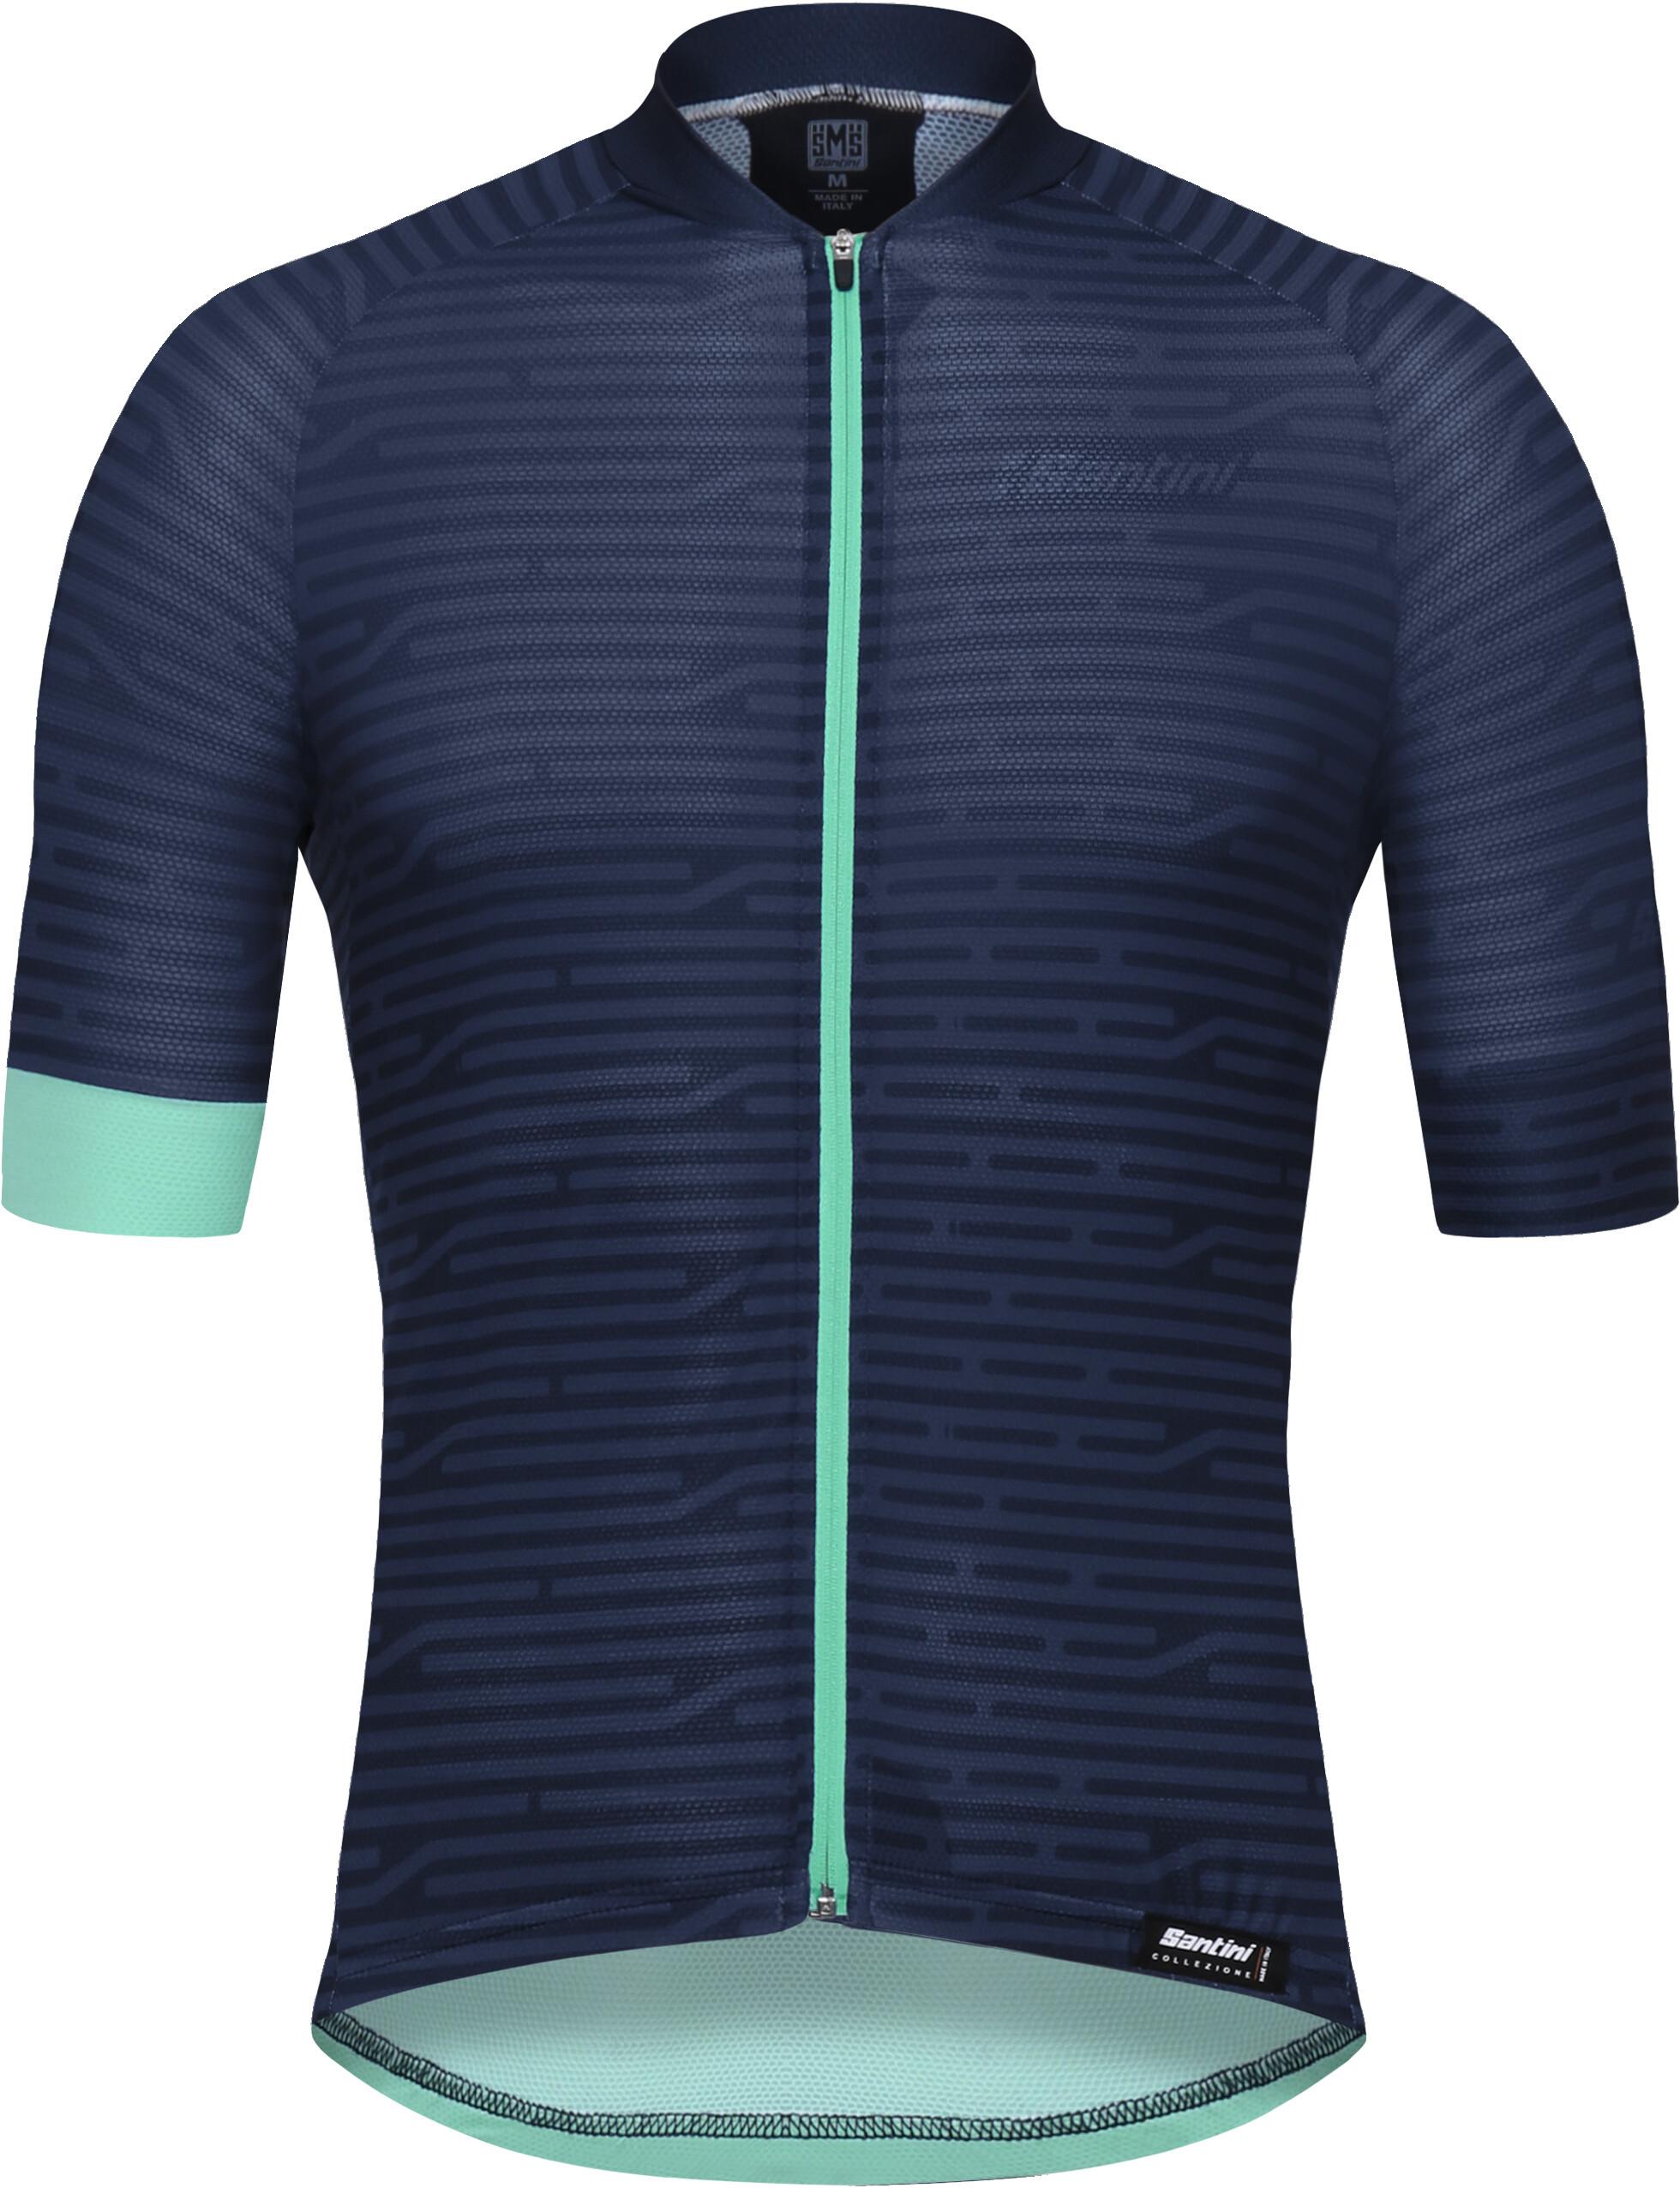 891d554a51313c Santini Soffio Maglietta jersey a maniche corte Uomo, blu nautica su ...